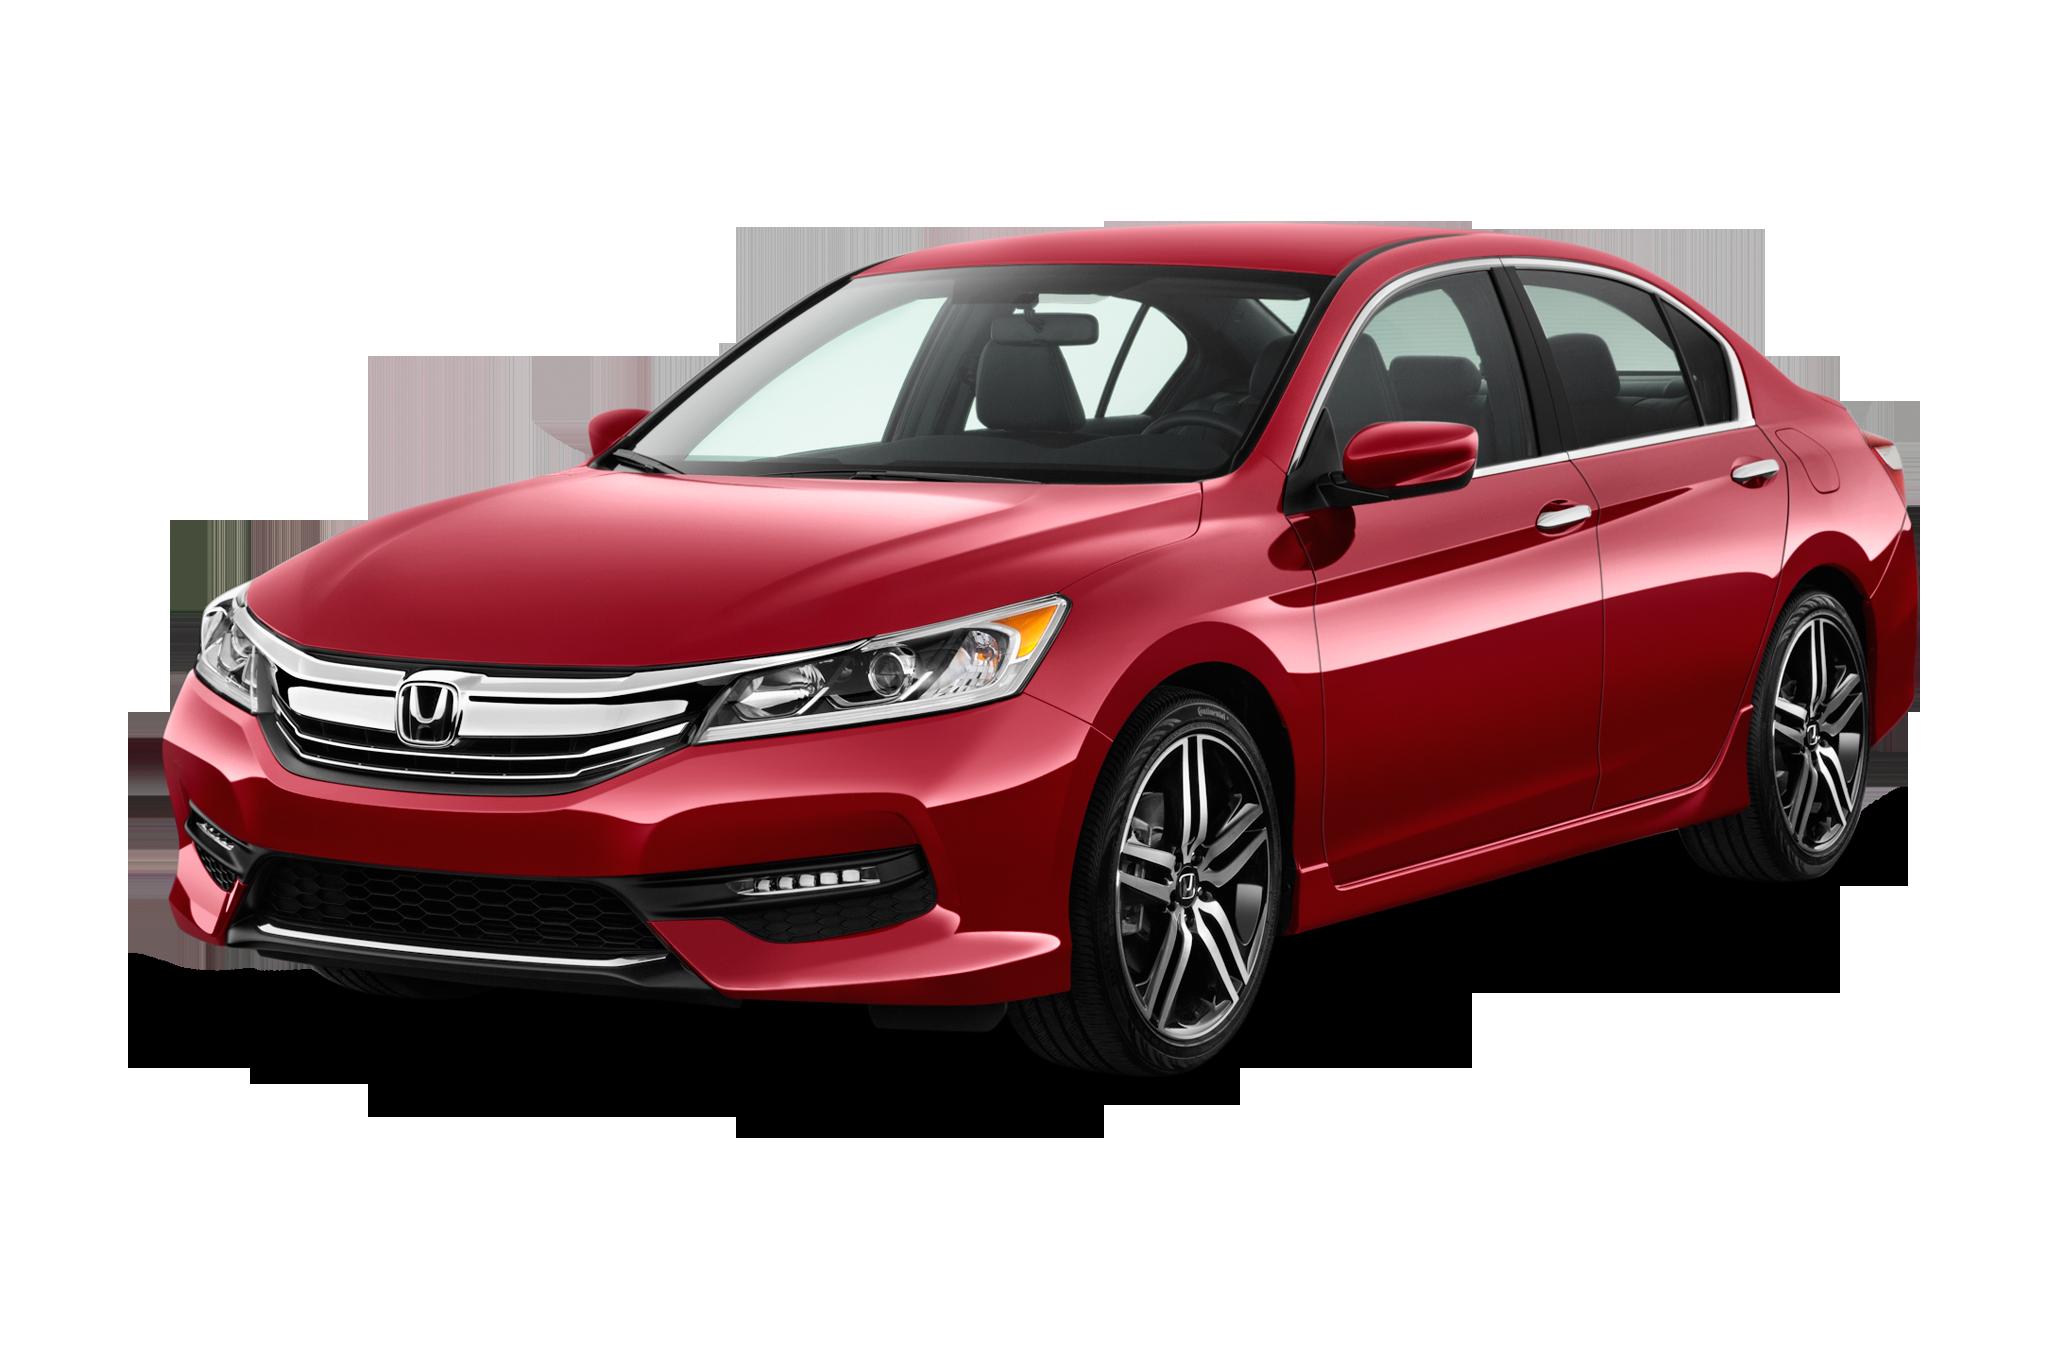 2016 Honda Accord Sedan Reviews - MSN Autos